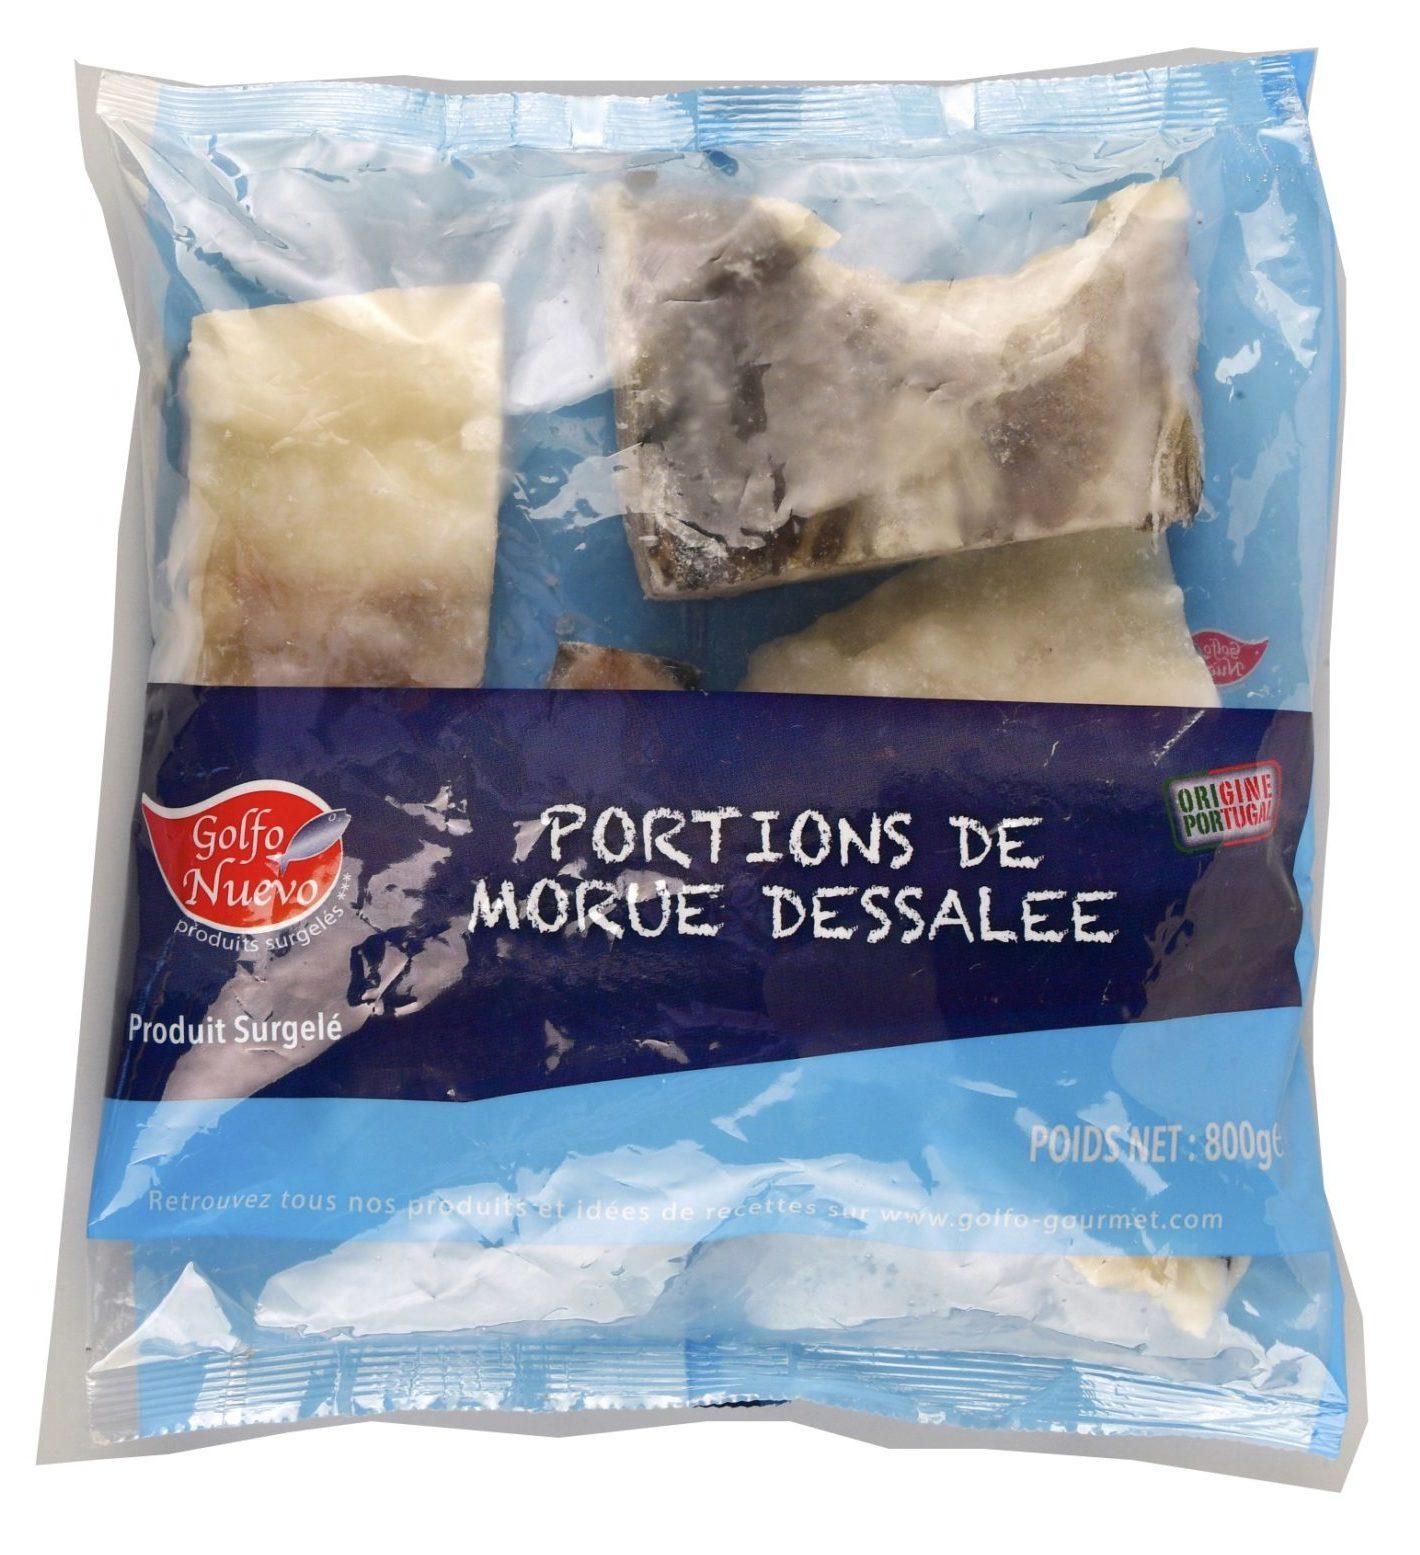 portions de morue dessalée